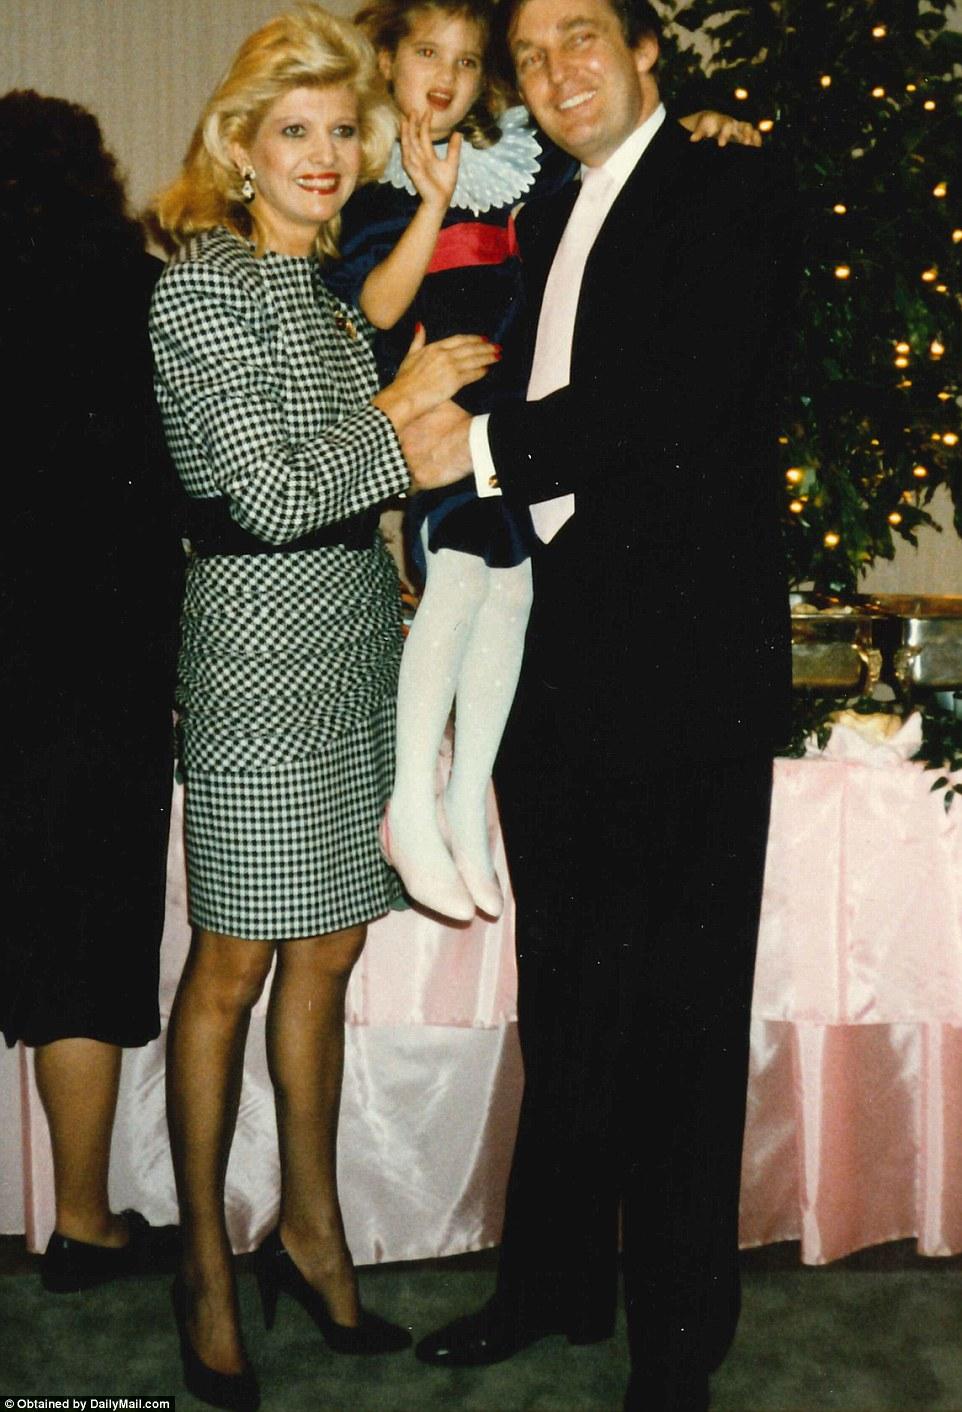 Ивана и Дональд Трамп с дочерью Иванкой.